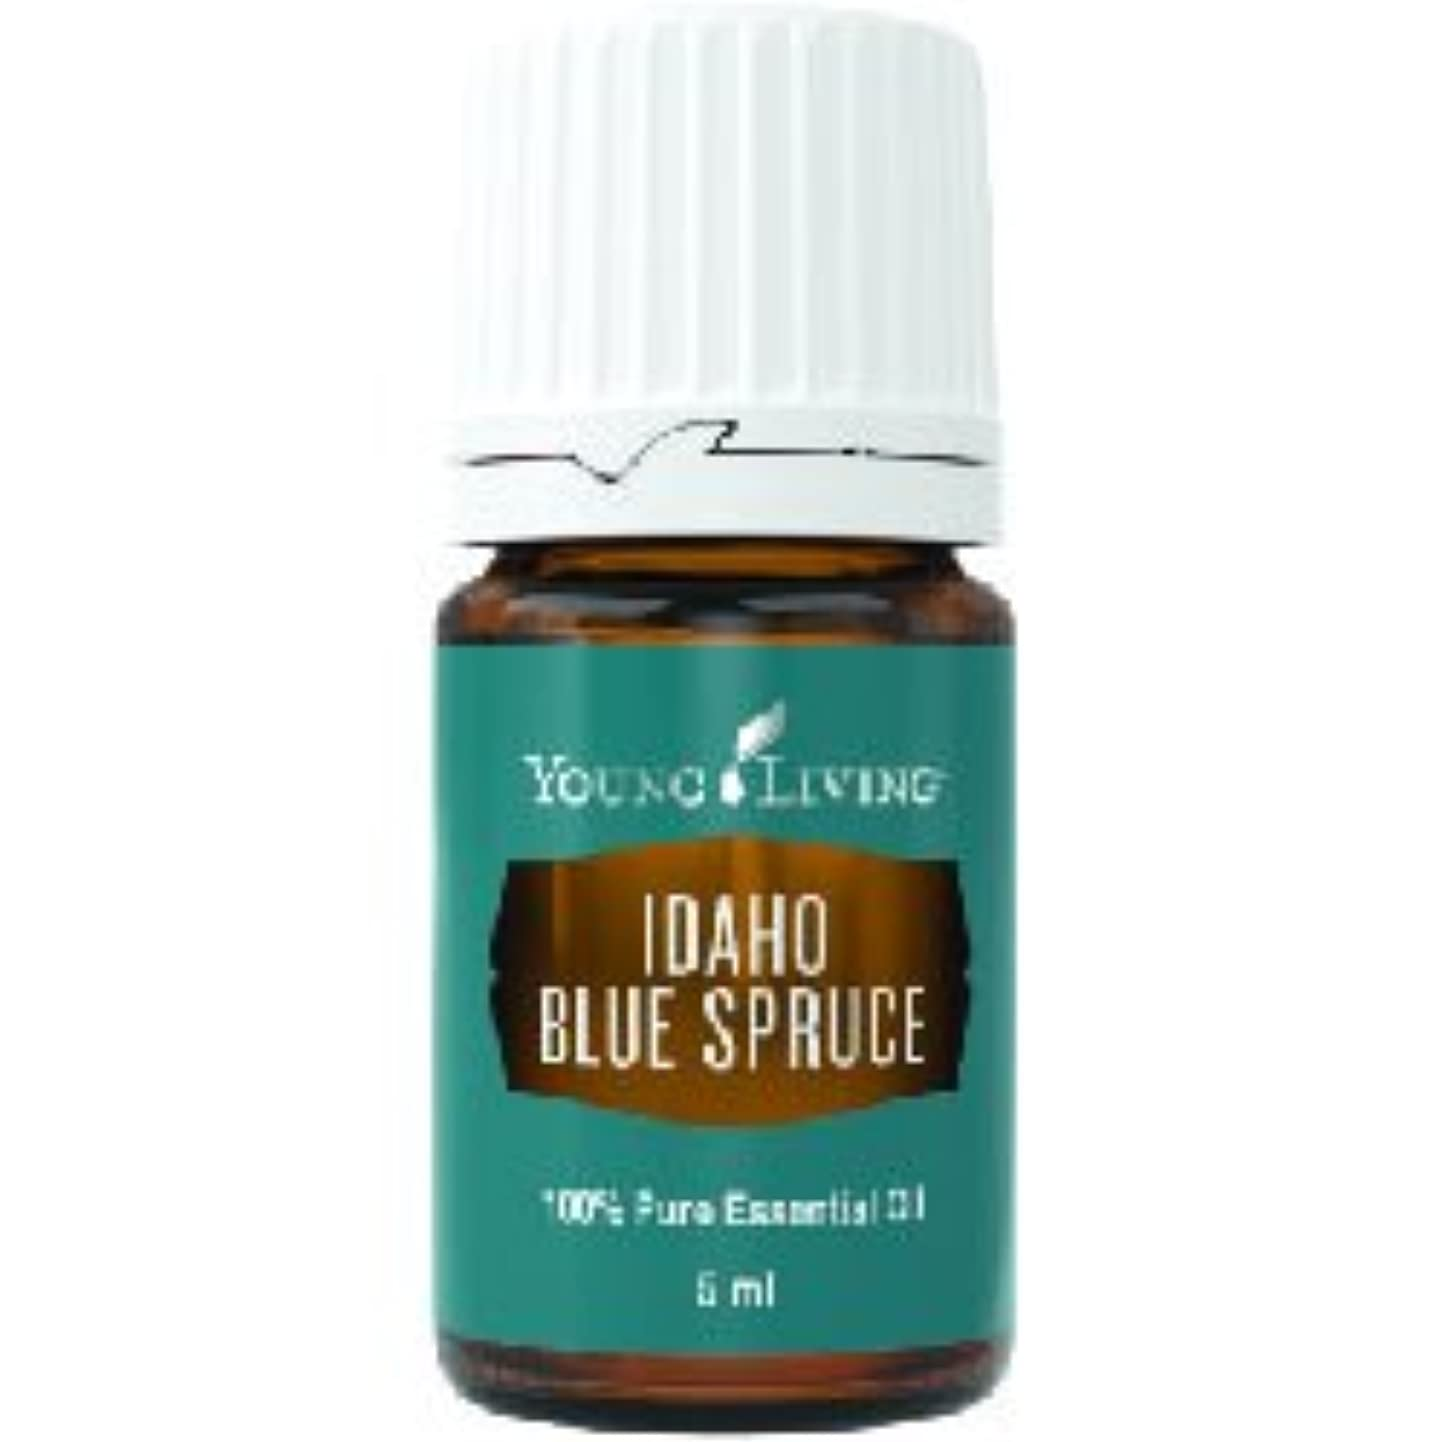 事業ジャンプ超音速アイダホブルースプルースエッセンシャルオイル5ml by Young Livingエッセンシャルオイルマレーシア Idaho Blue Spruce Essential Oil 5ml by Young Living Essential...